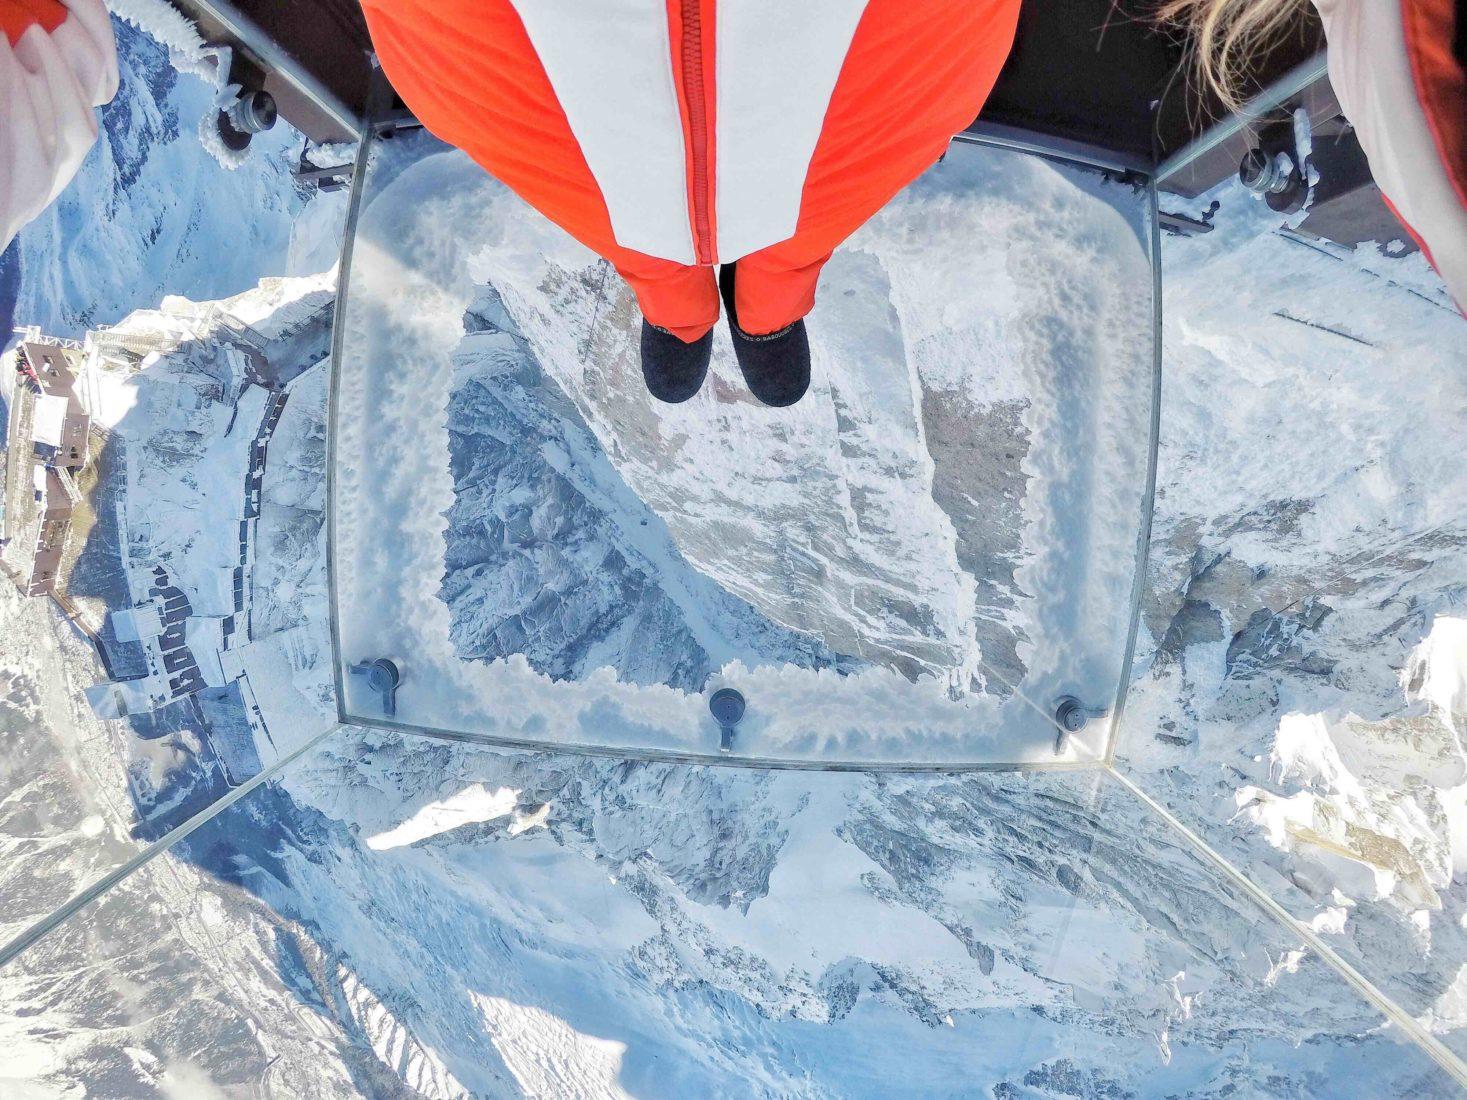 Chamonix cabine de verre Aiguille du Midi